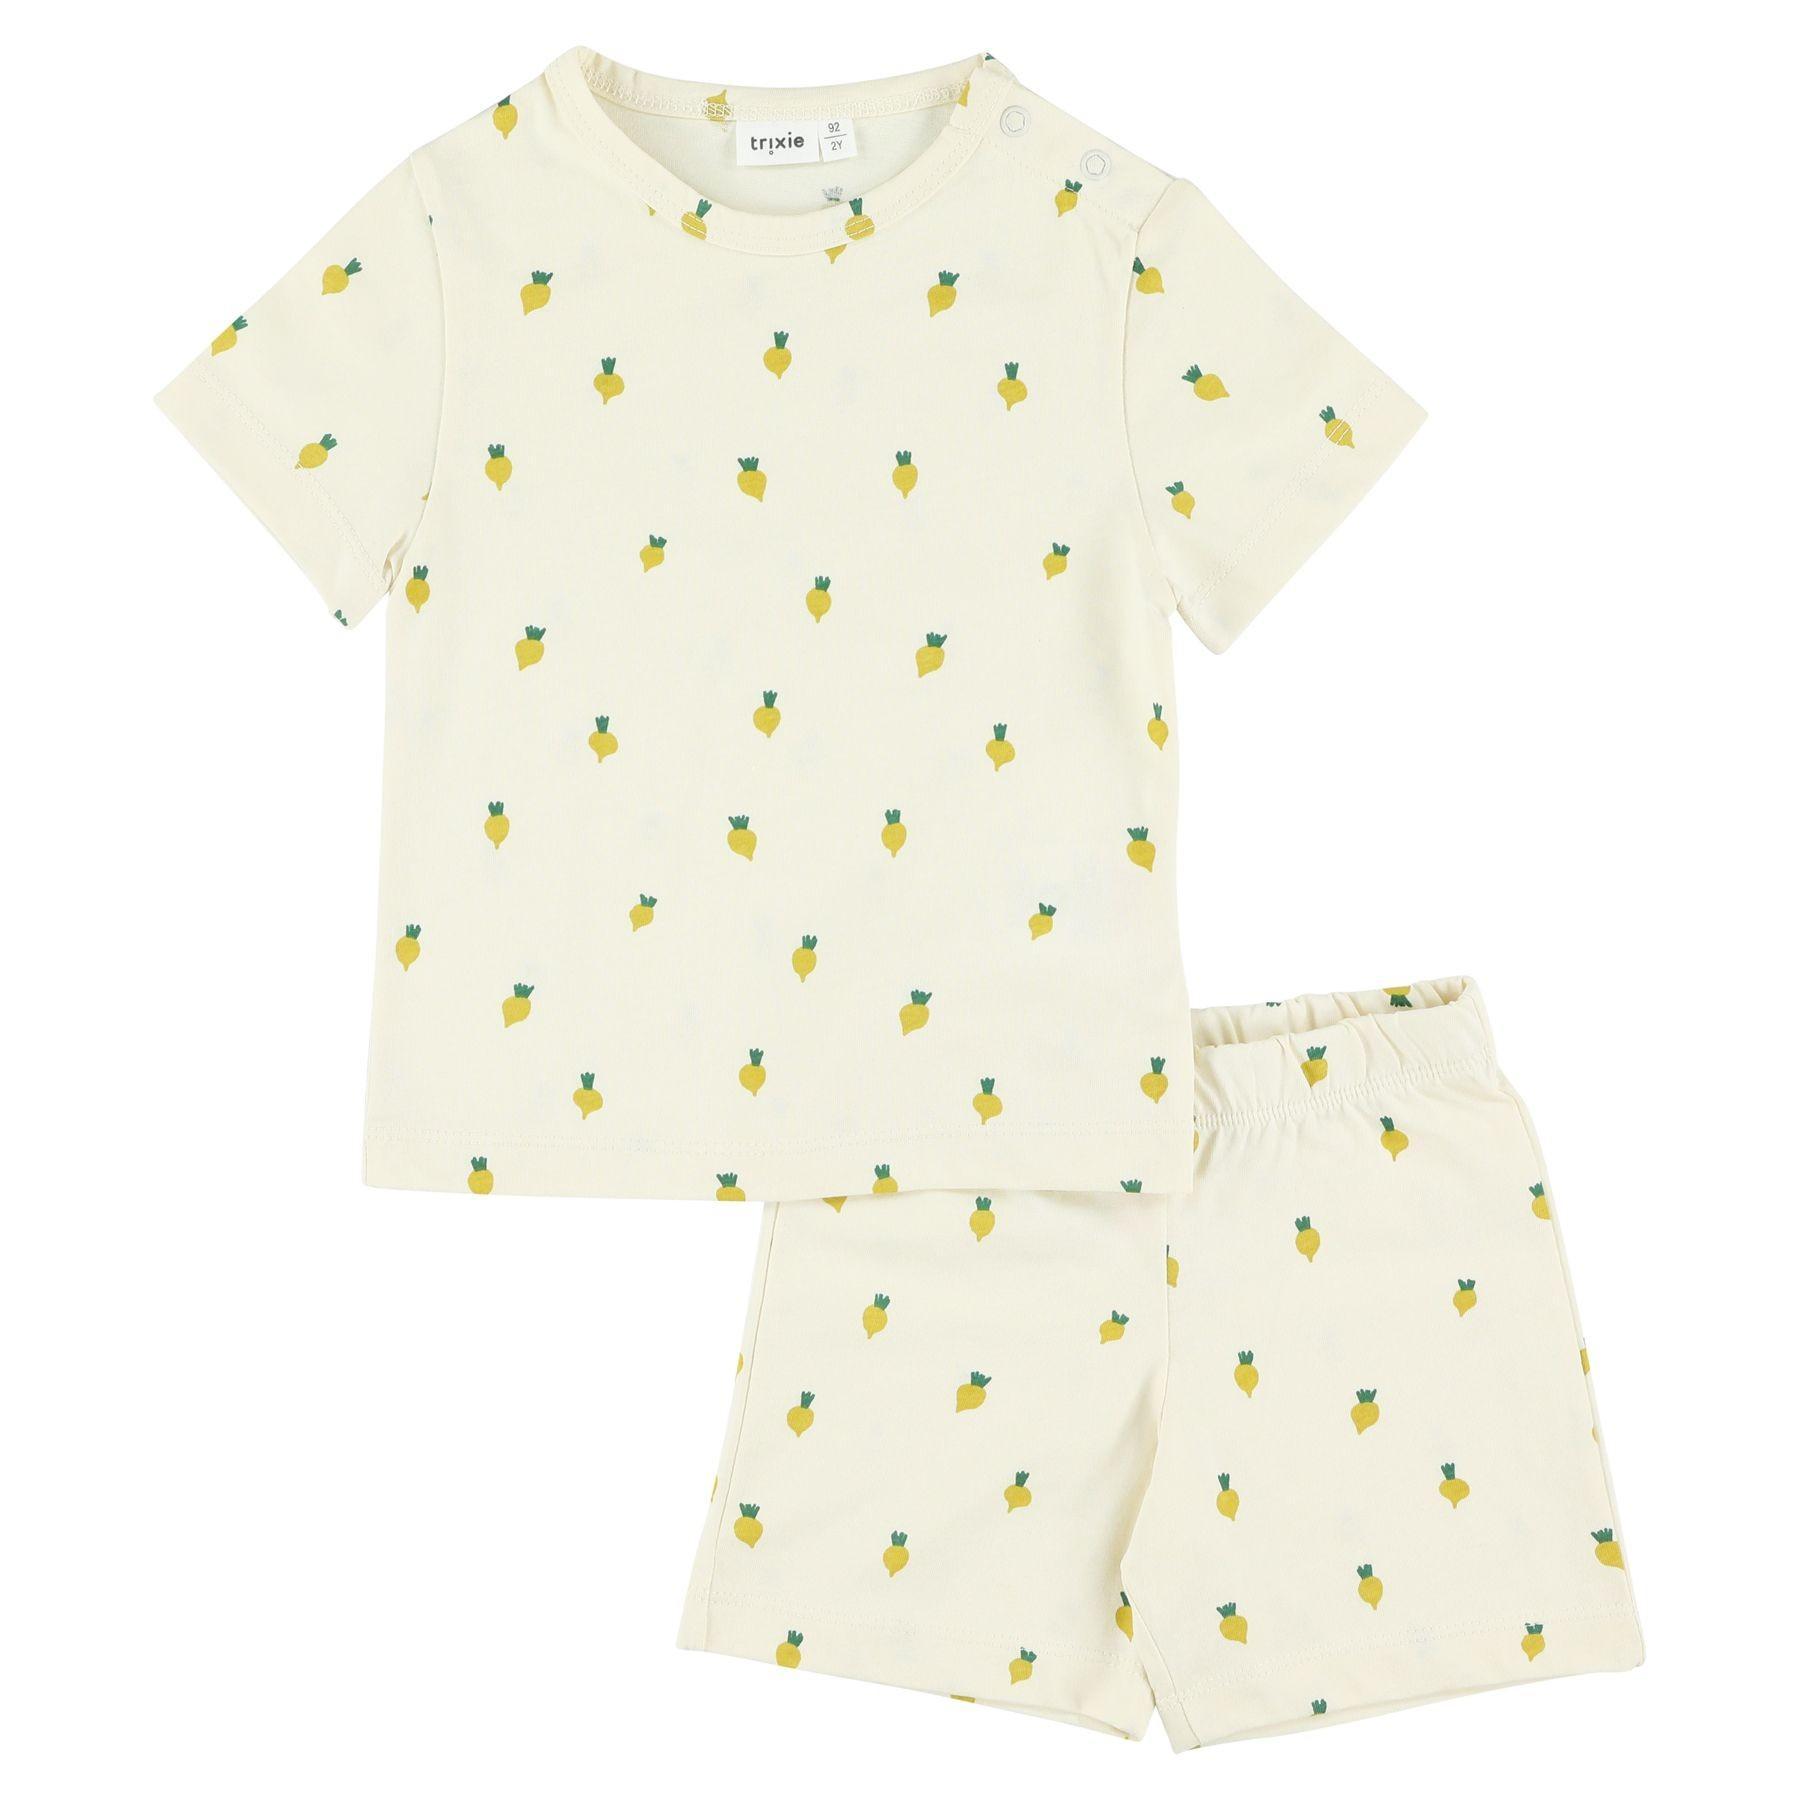 Trixie - 2-delige pyjama kort - Tiny Turnip - 3Y